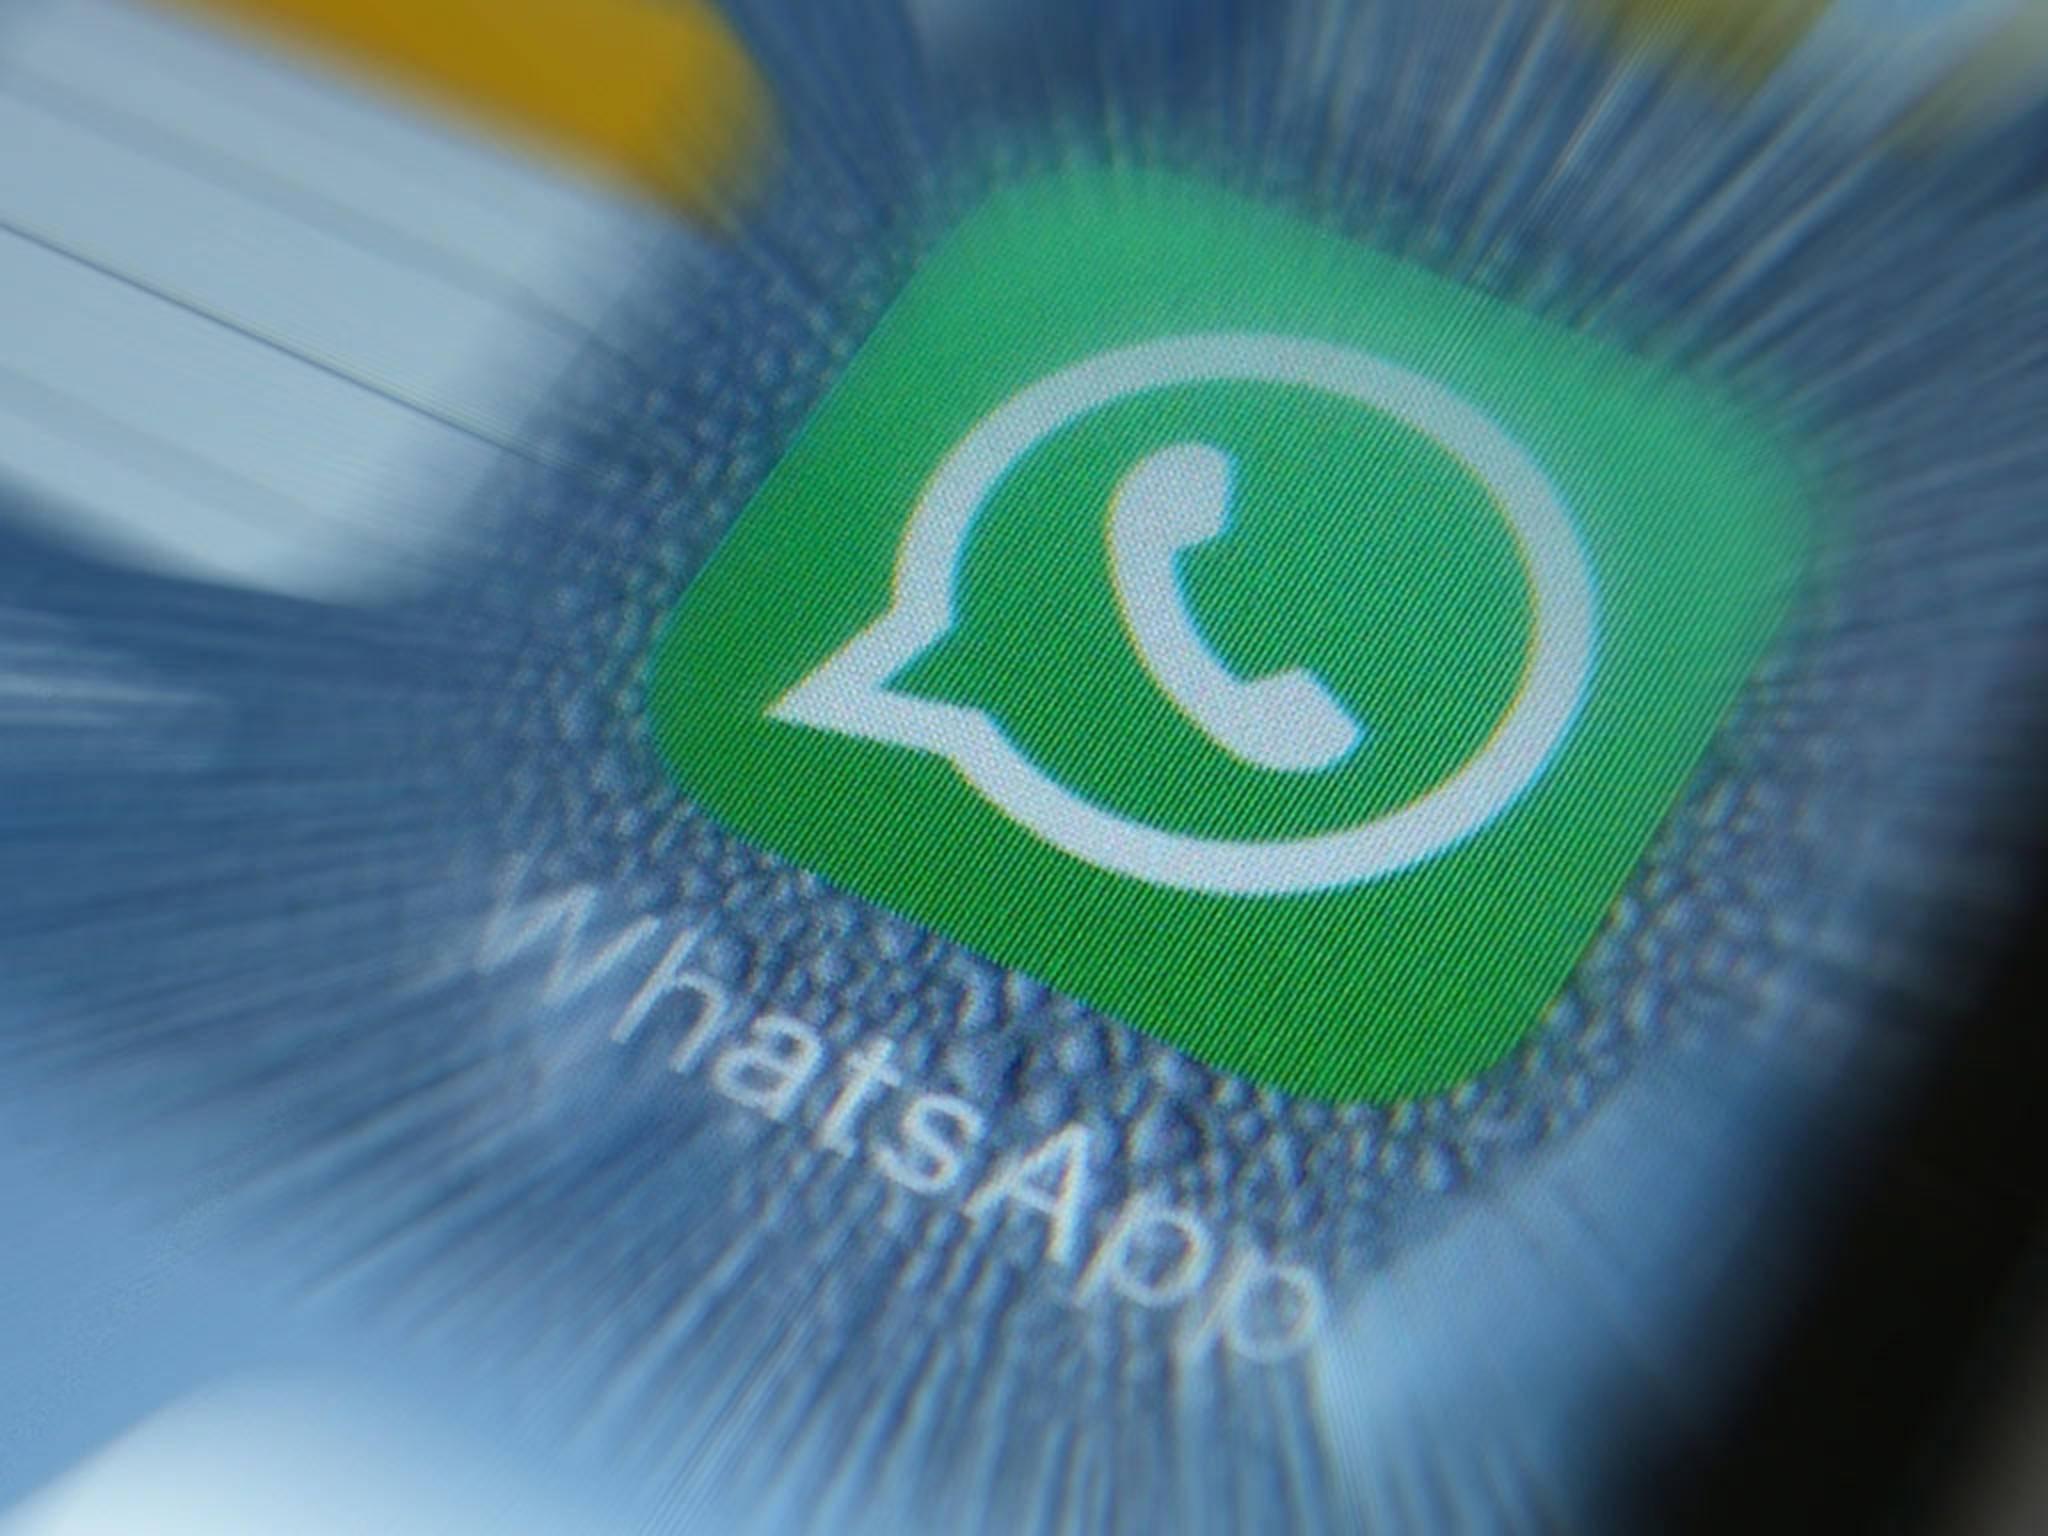 WhatsApp: Nachrichten können jetzt per Spracheingabe verfasst werden.